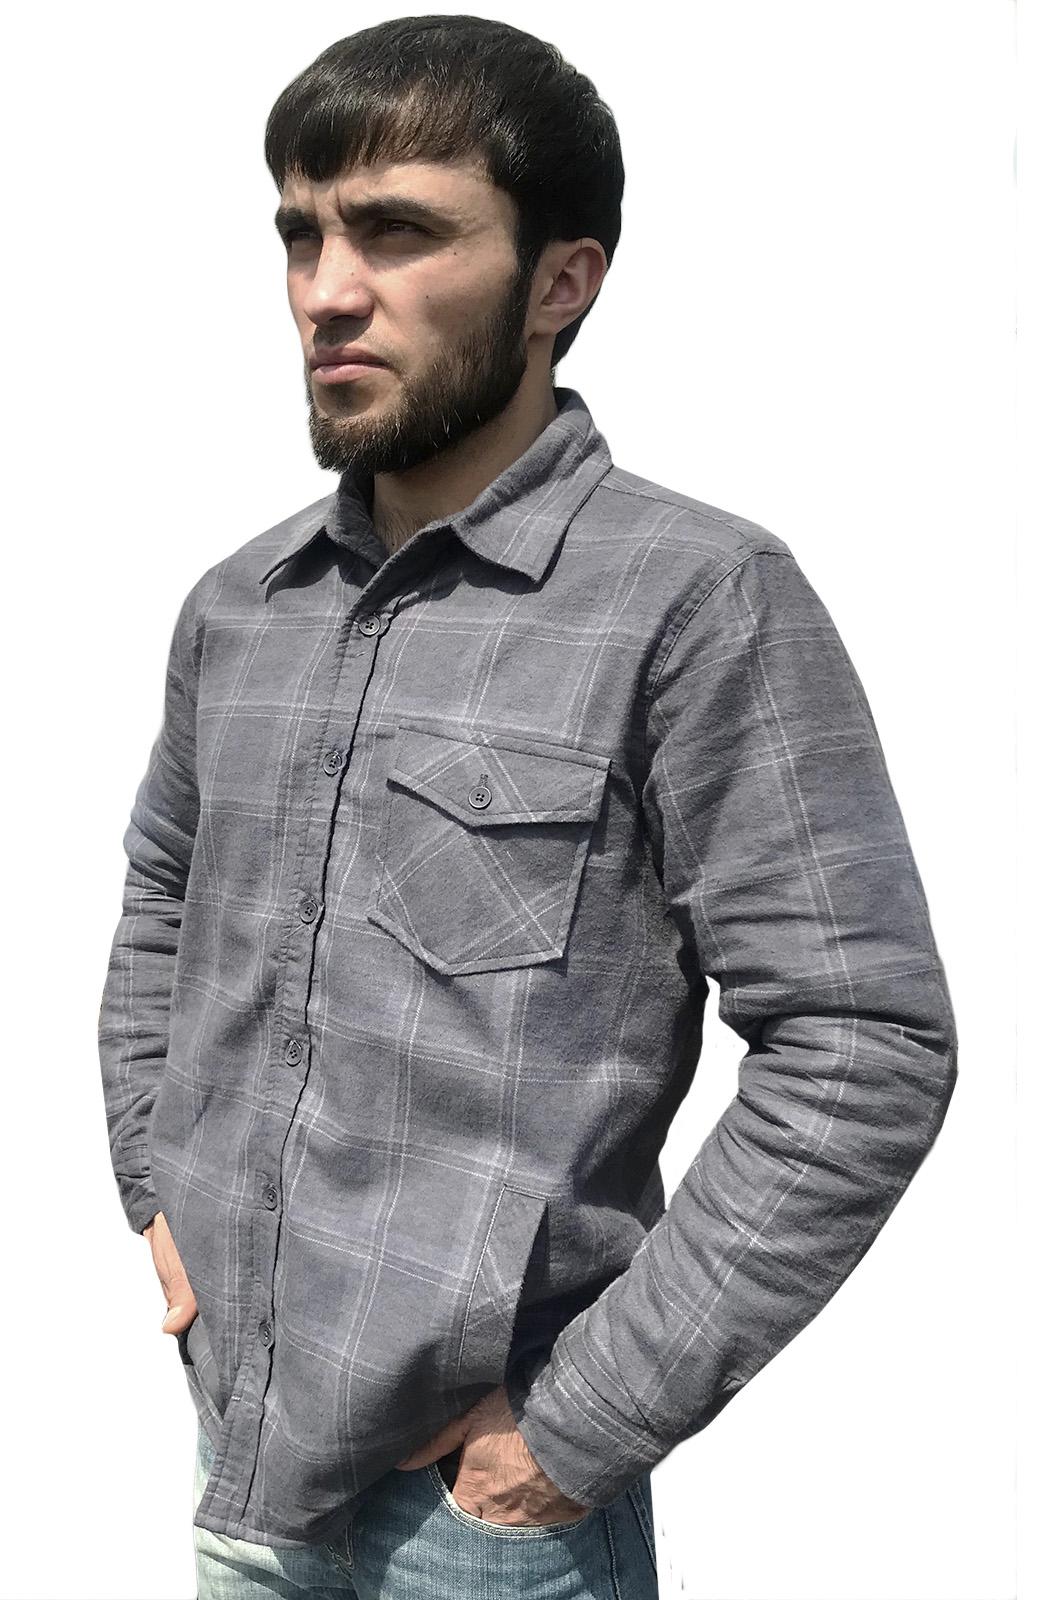 Строгая рубашка с вышитым шевроном ФССП - заказать выгодно